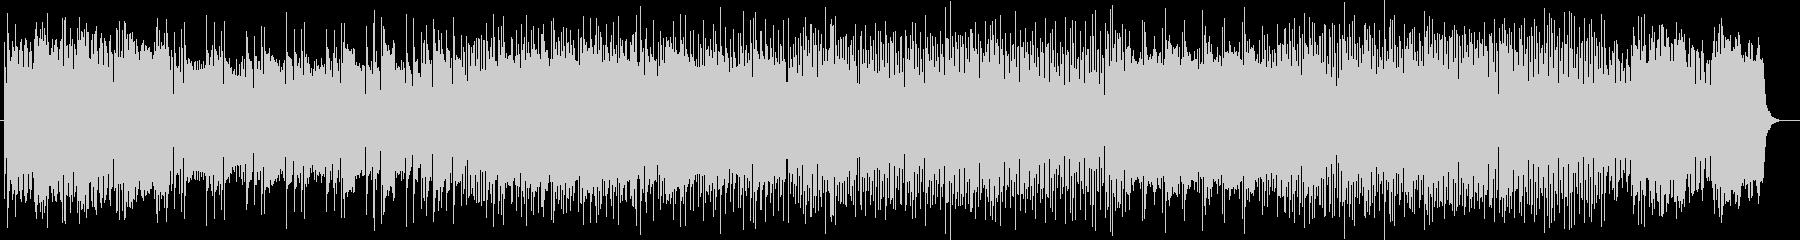 広がりがあるシンセのコード弾きで始まる曲の未再生の波形